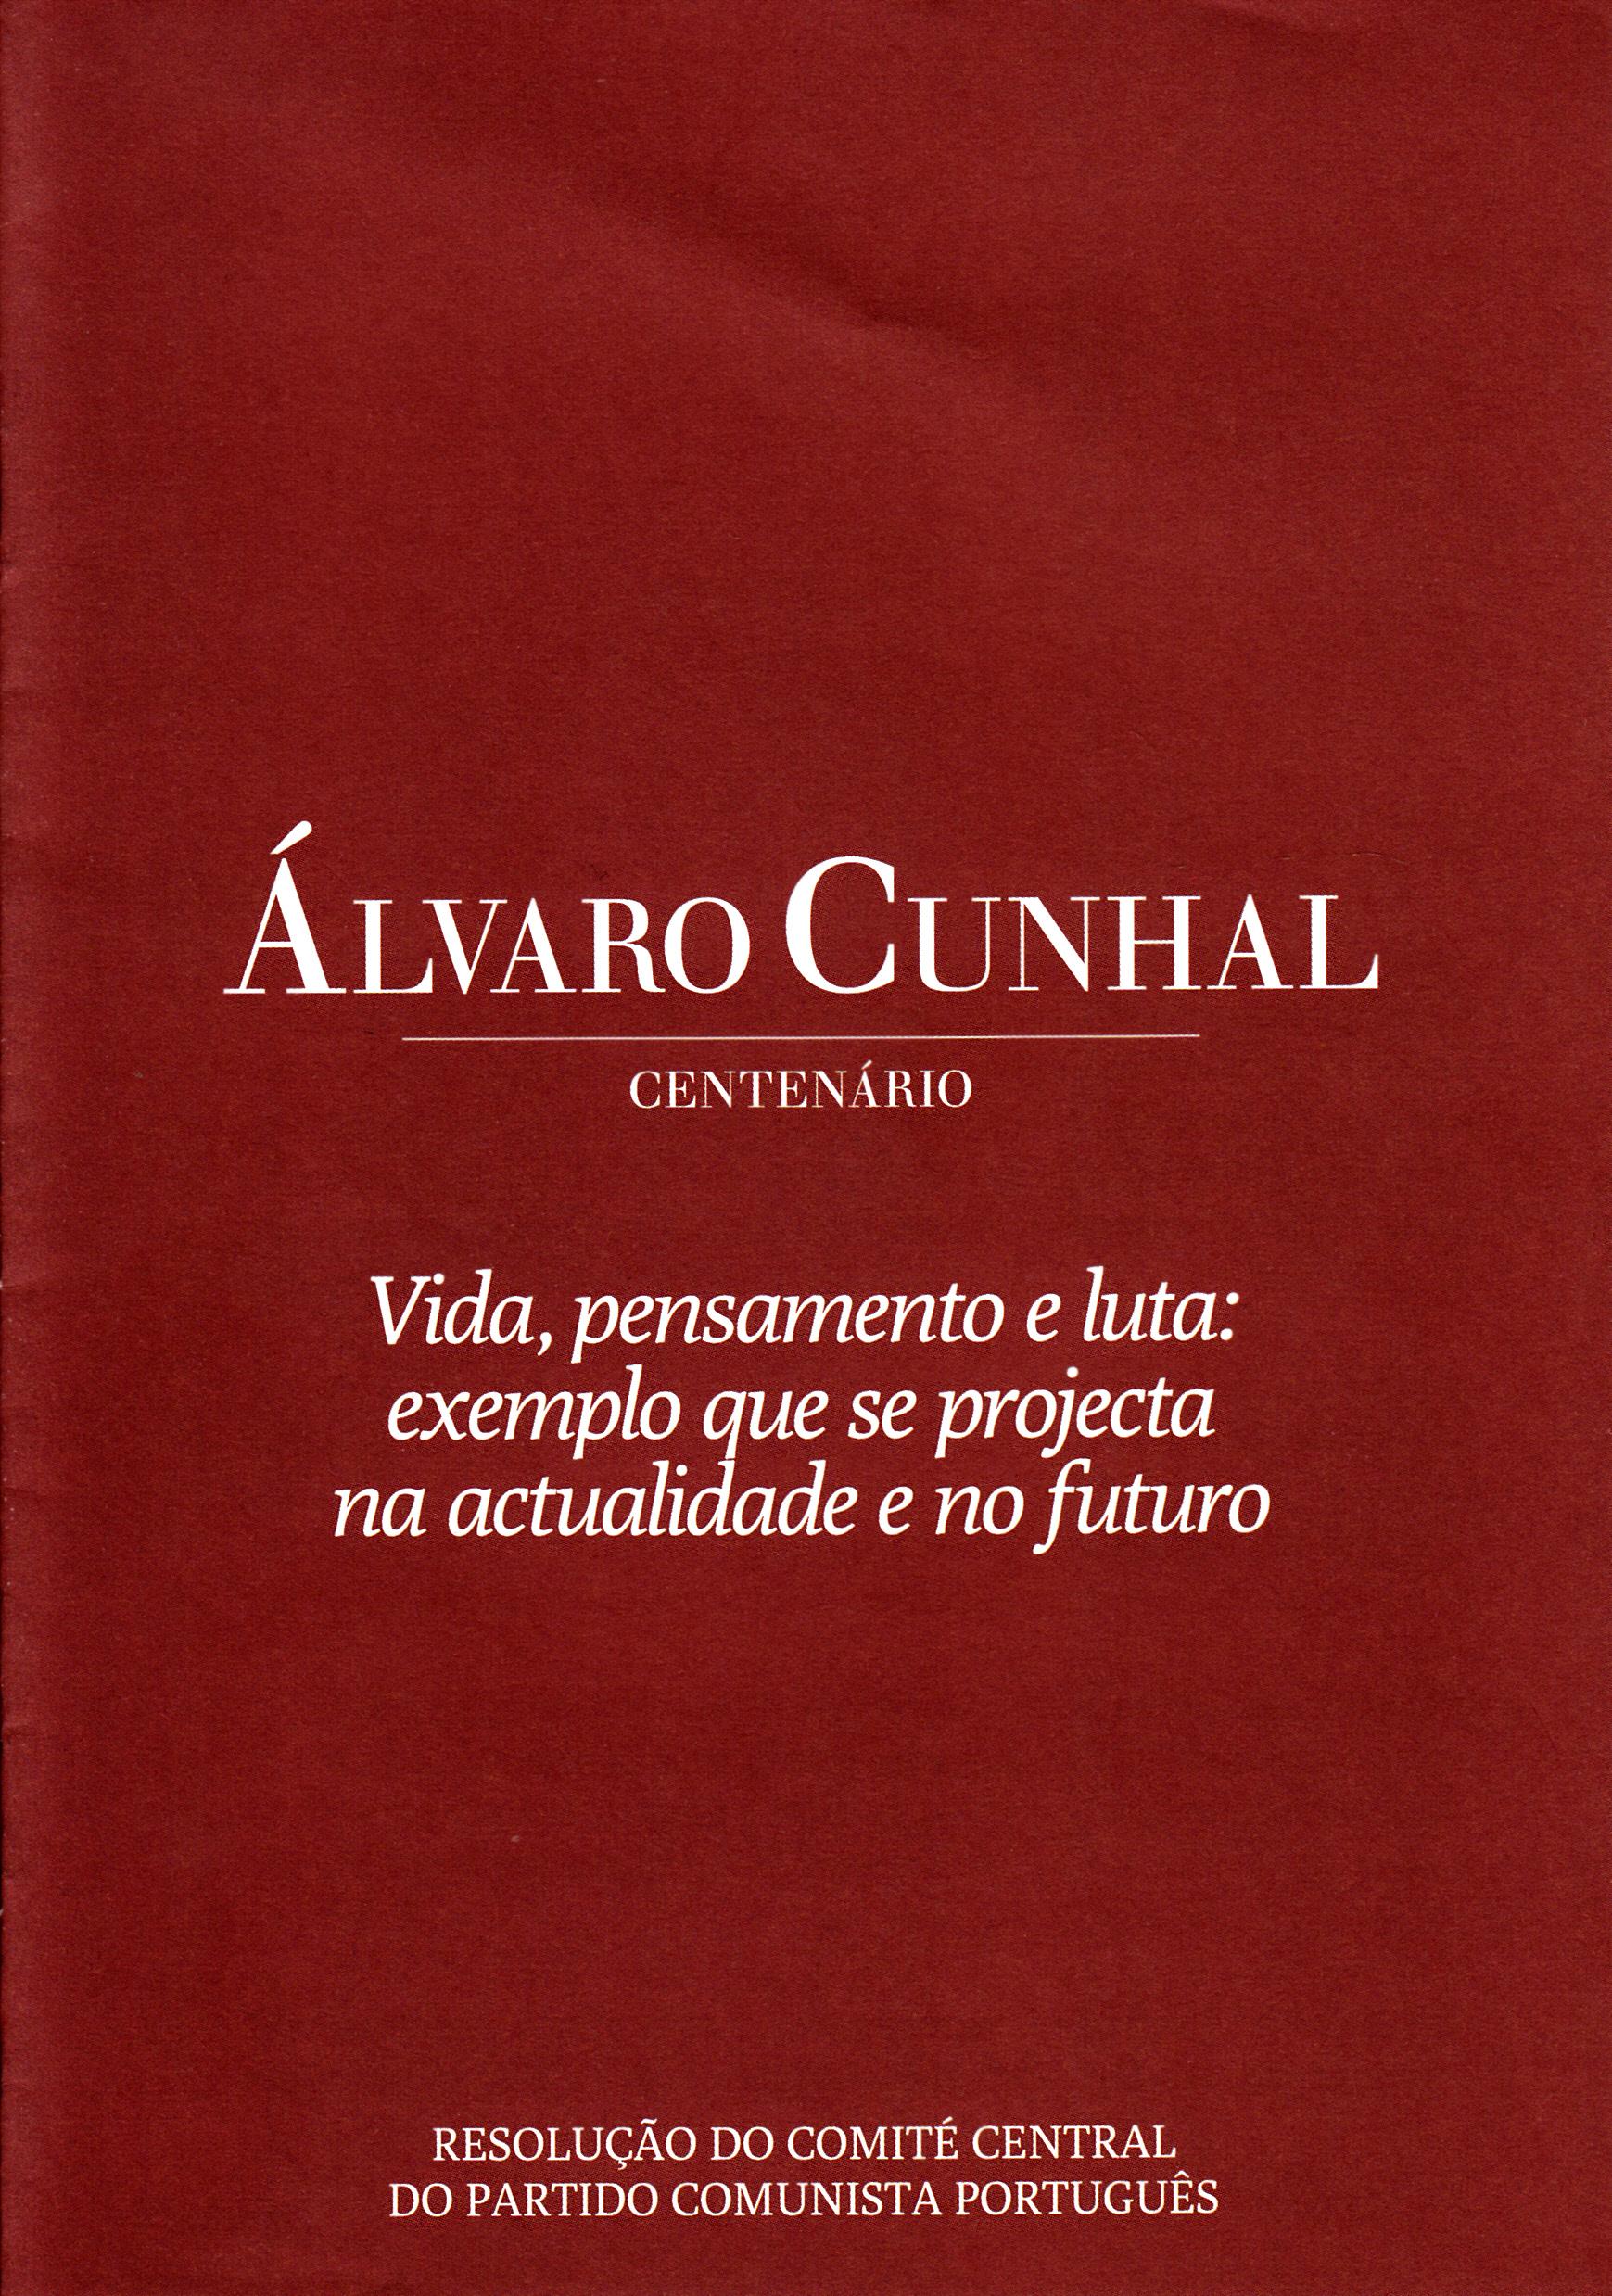 PCP_2013_Alvaro_Cunhal